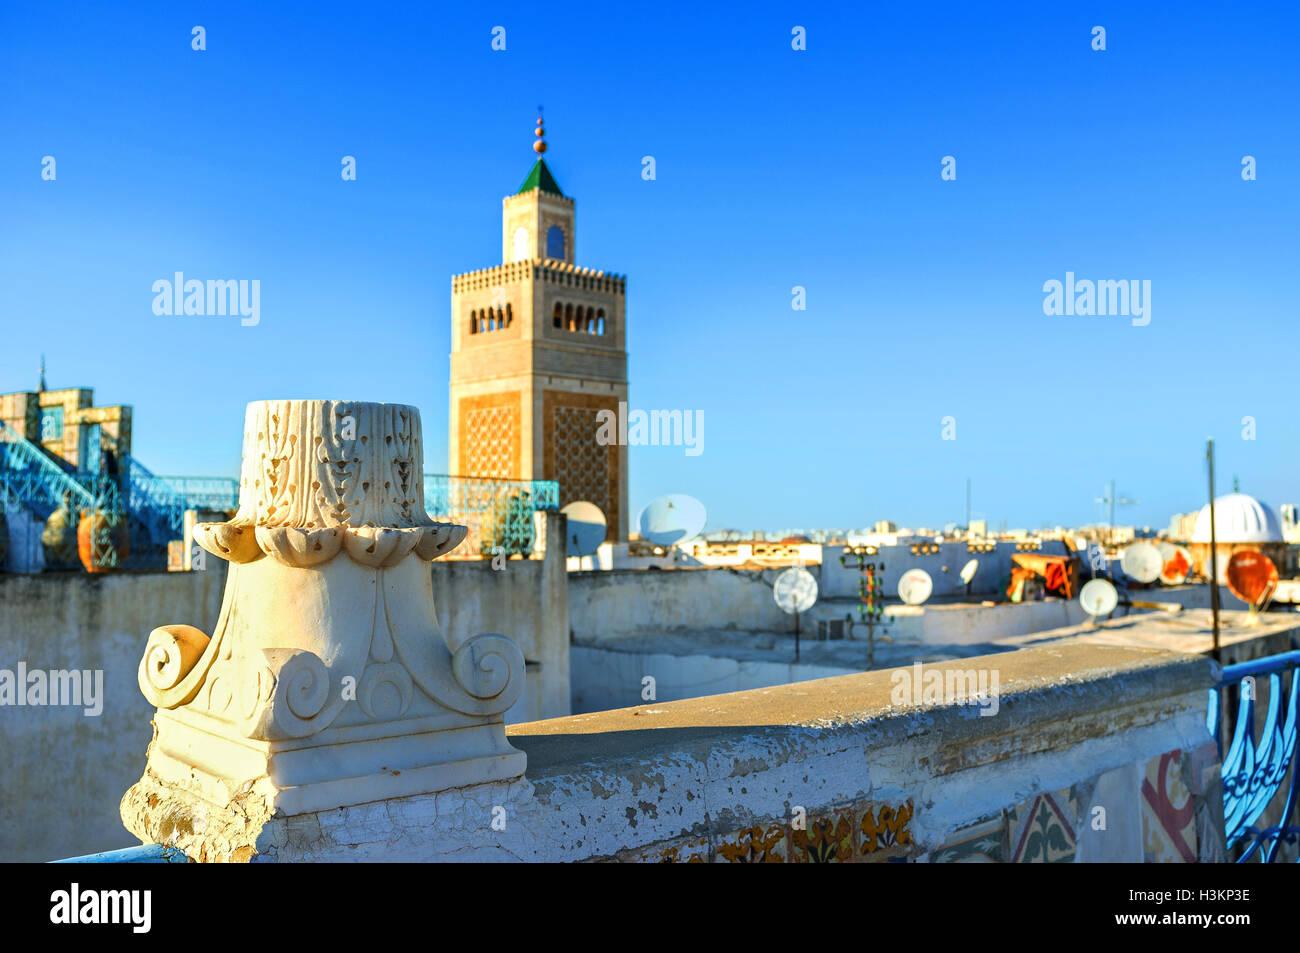 La columna en ruinas antiguas en el techo de la antigua casa de Medina, Túnez. Imagen De Stock